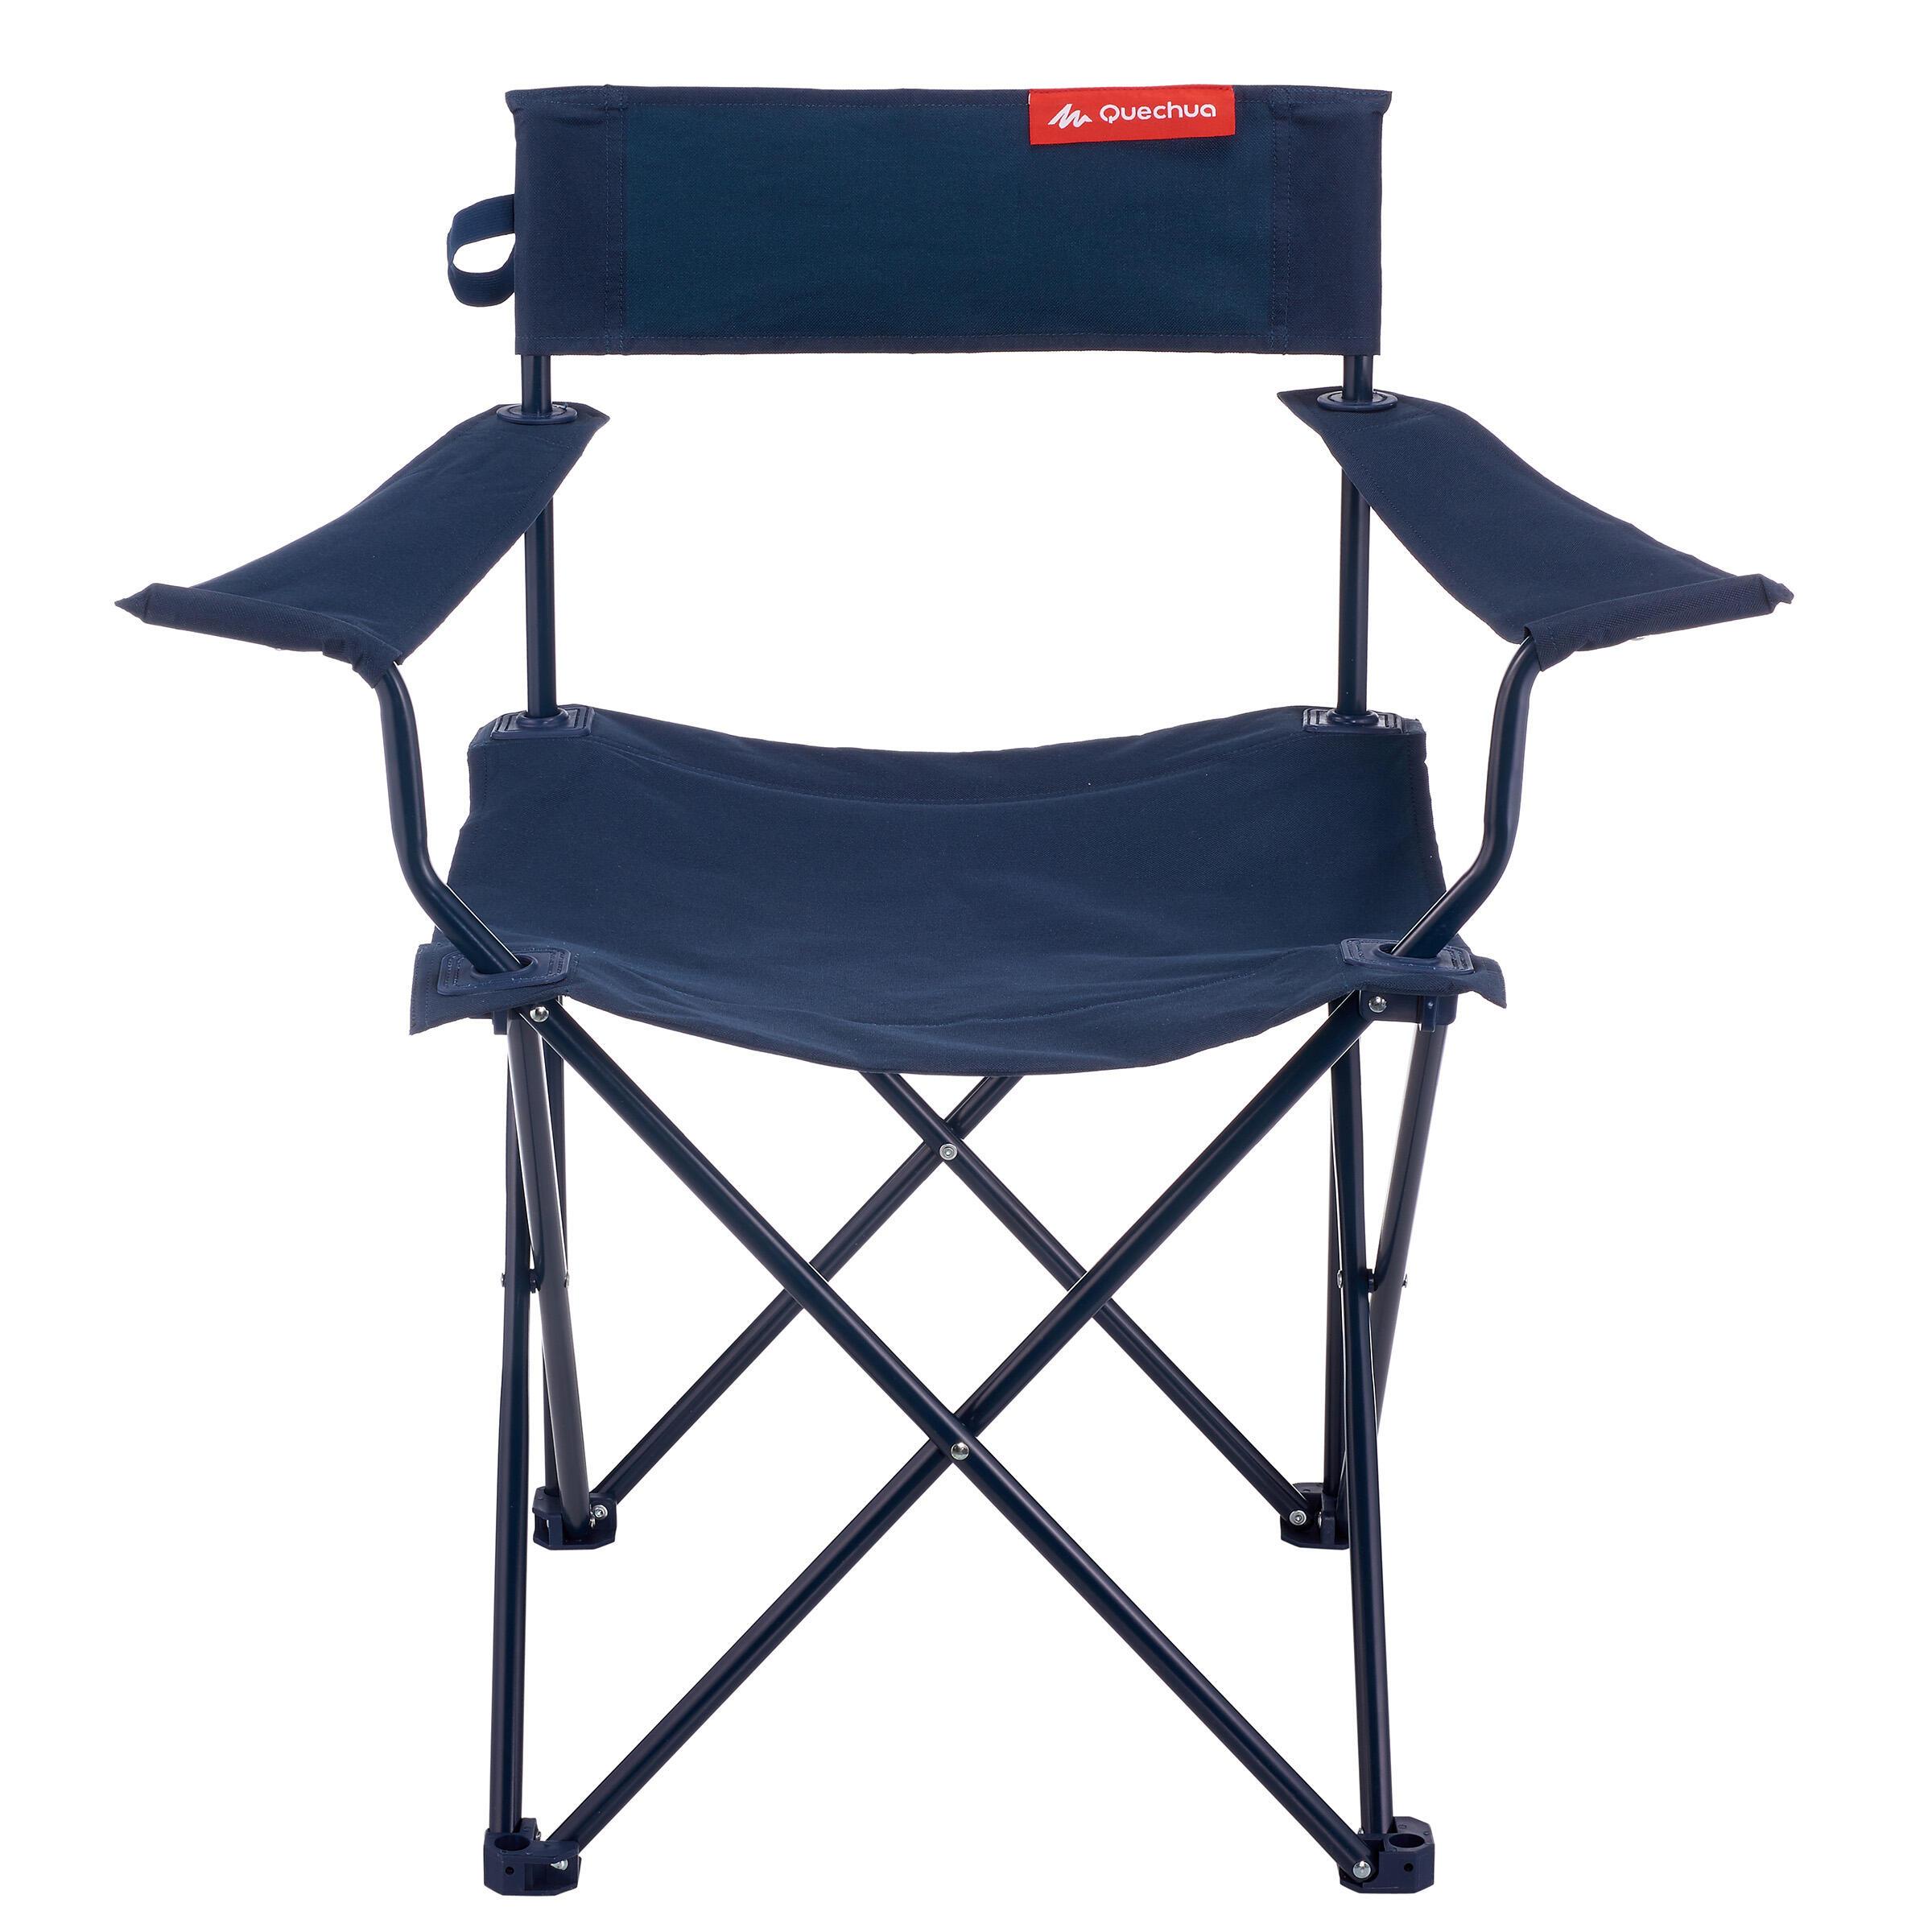 Quechua Vouwstoel Basic voor camping / bivak